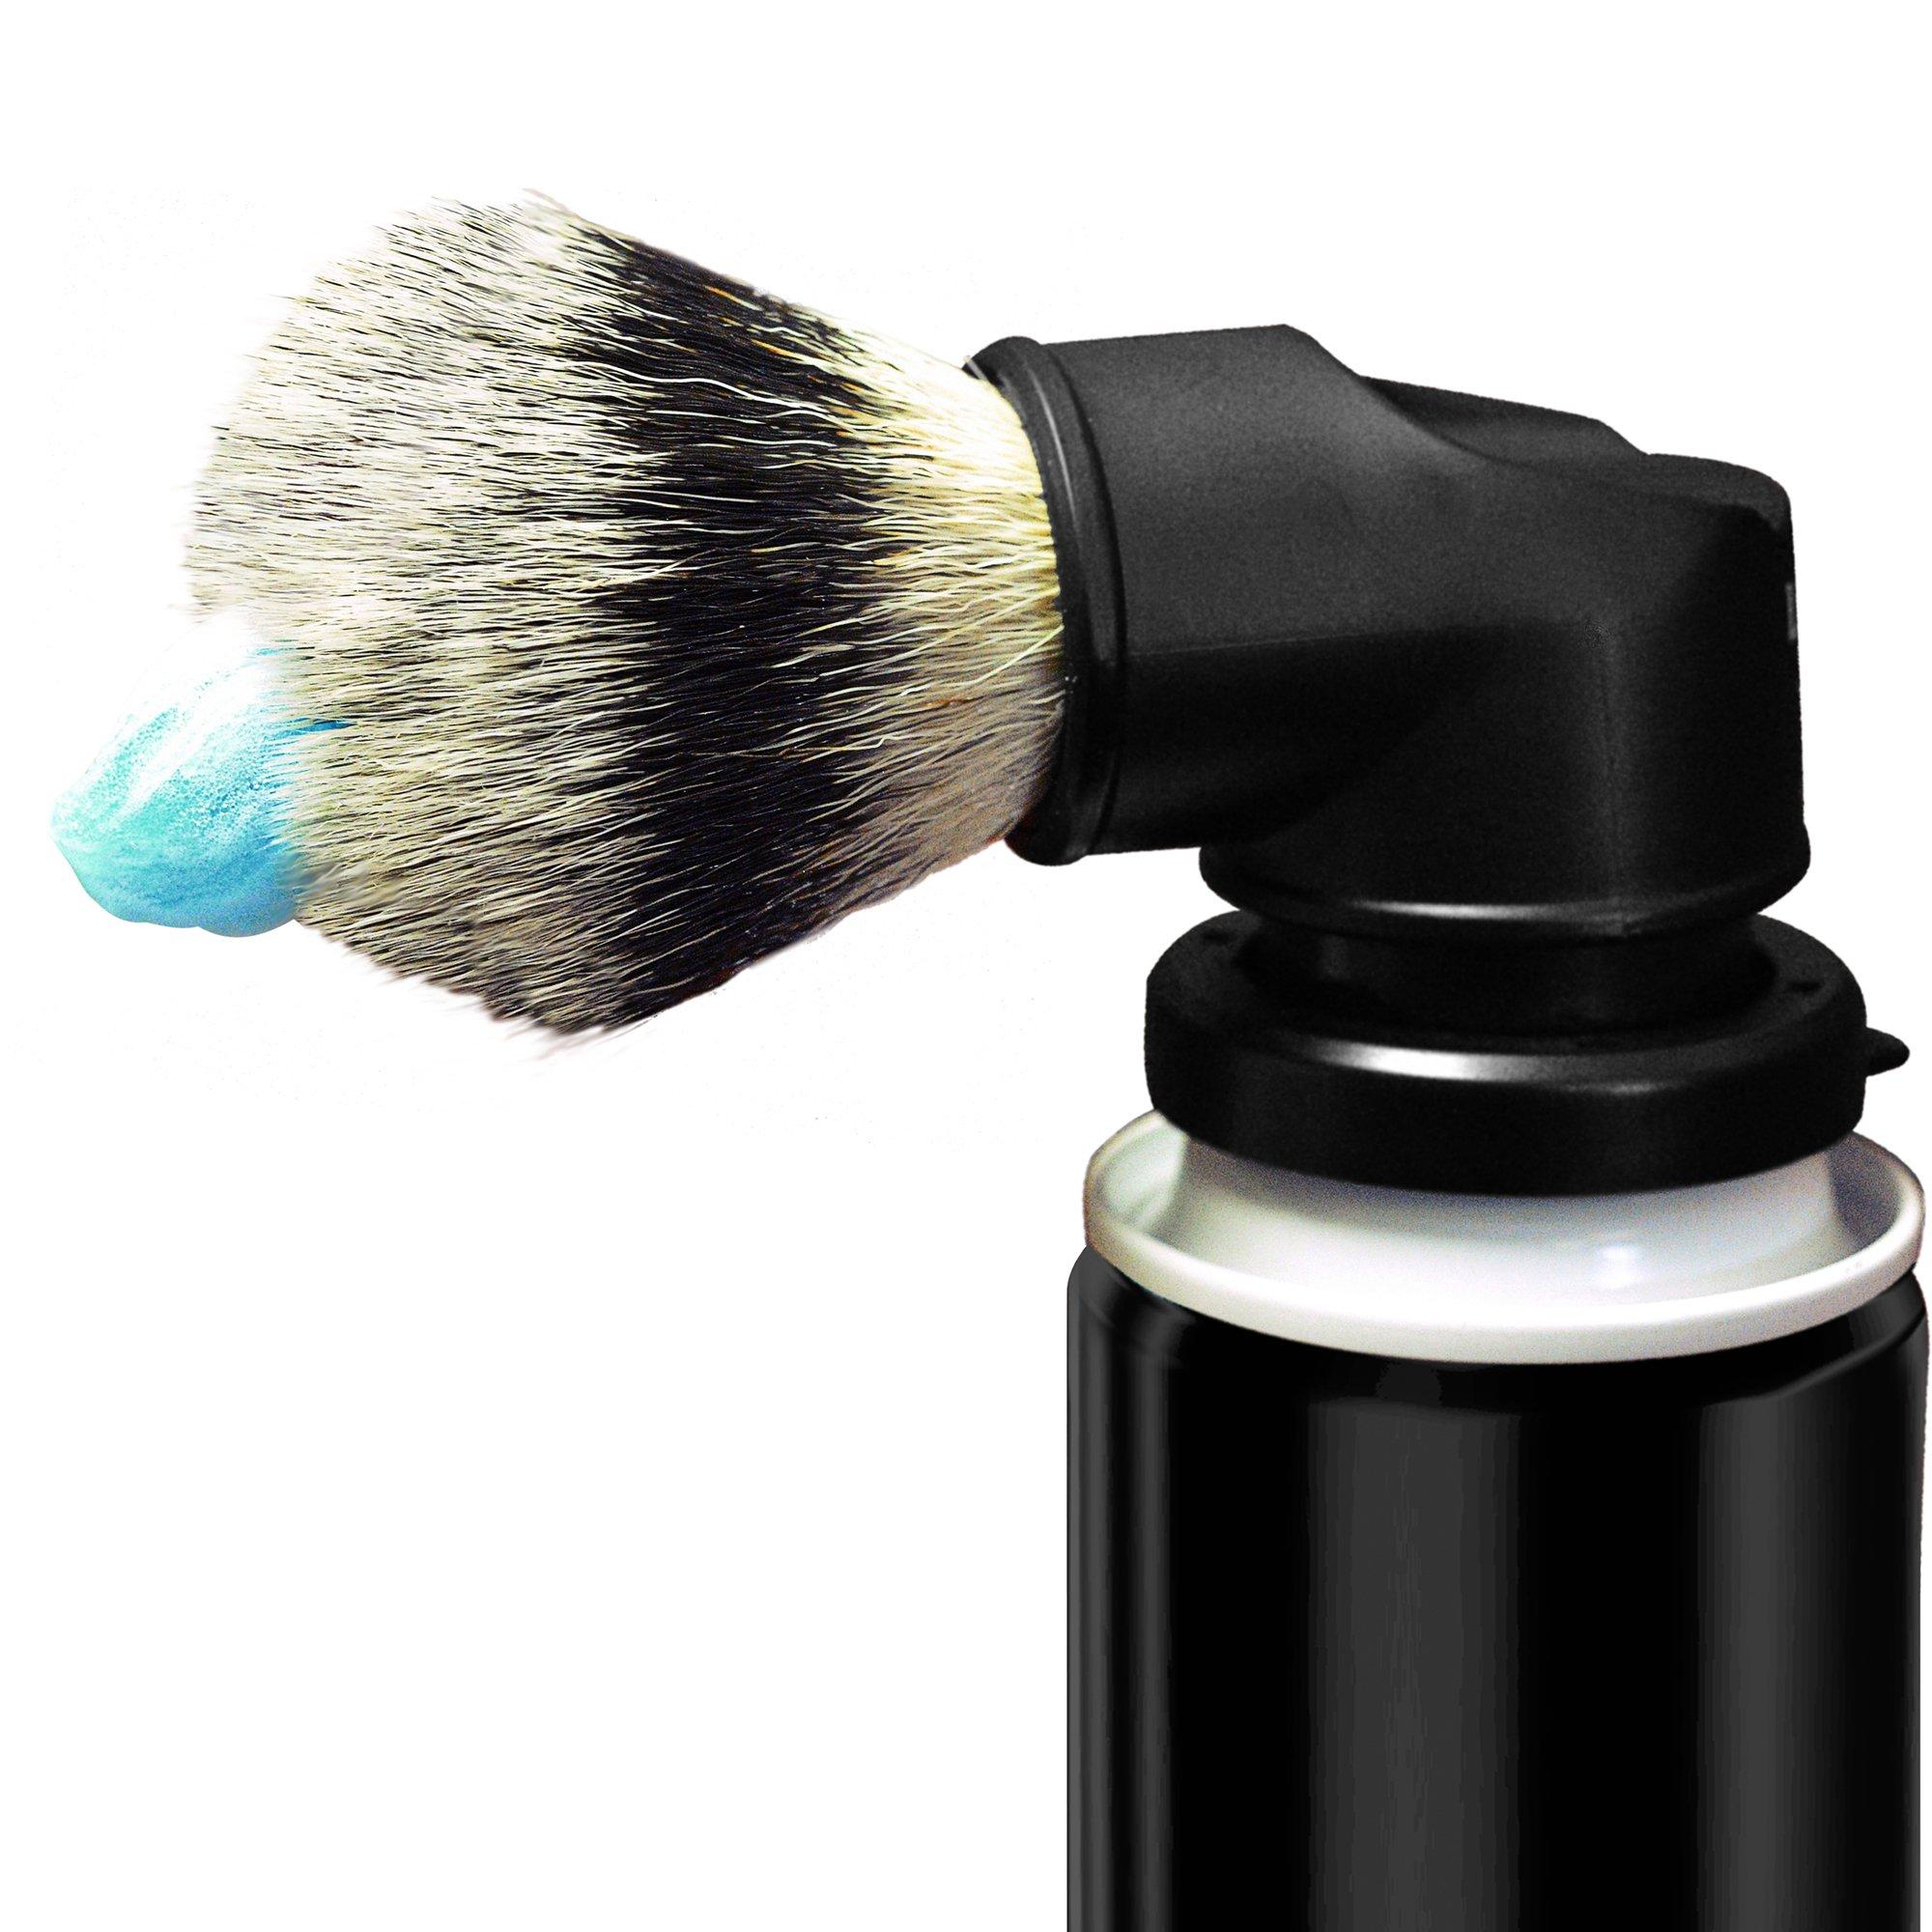 Legacy Shave - Evolution Brush - Universal Shaving Brush Engineered to Attach Directly to Shaving Cream or Shaving Gel Cans - Best Razor Wet Shave Brush for Men & Women - Black